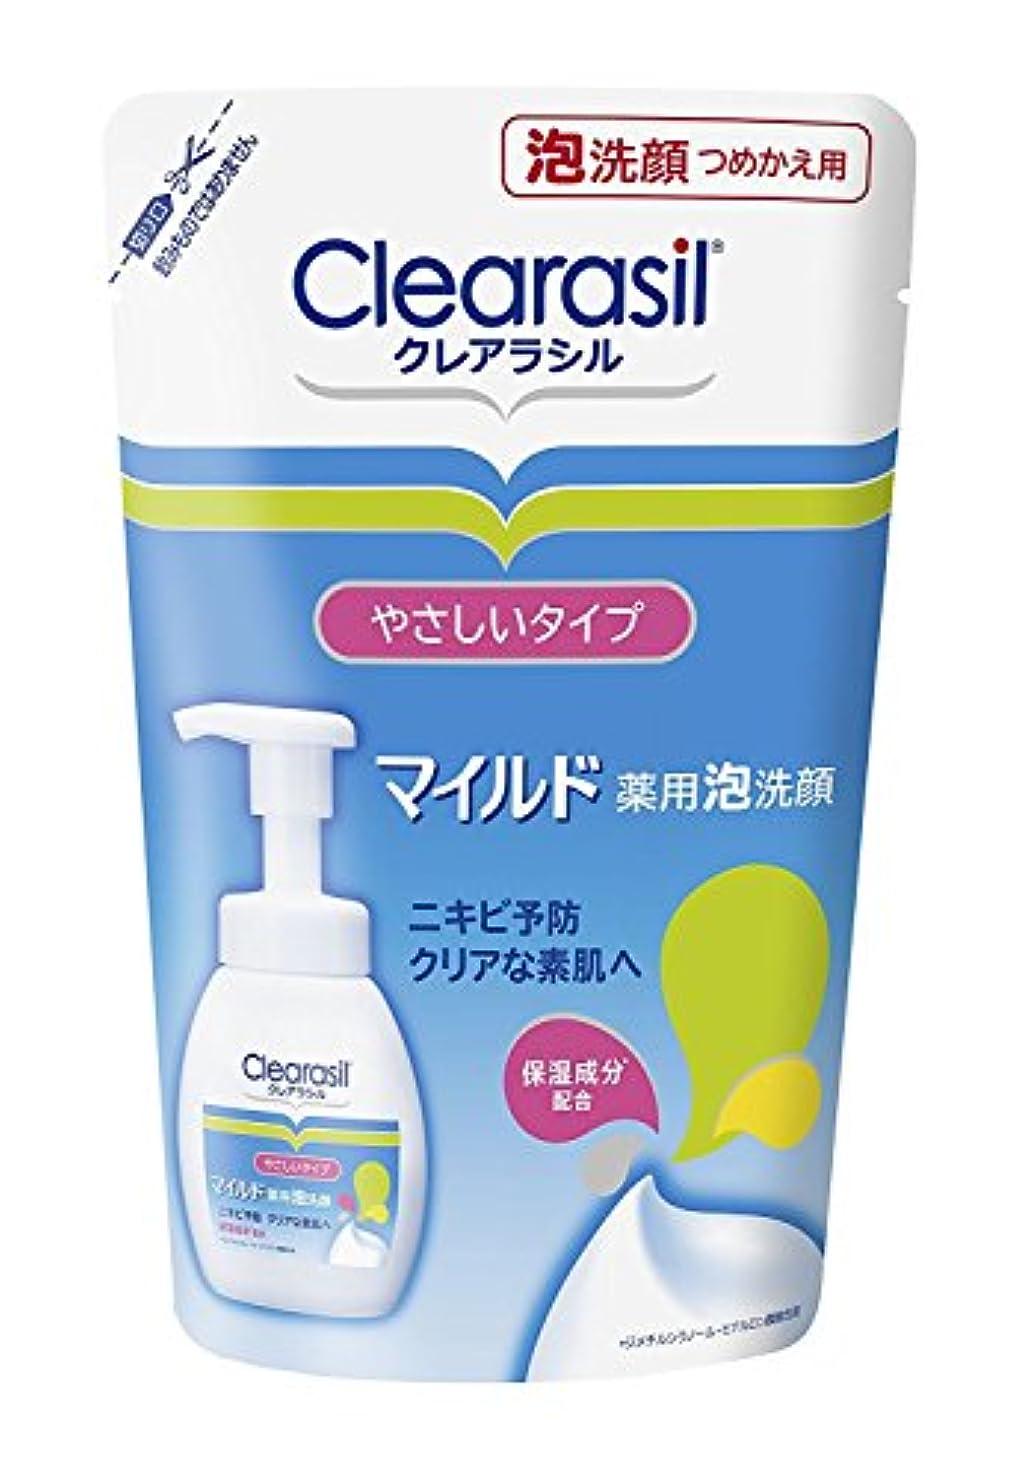 ノーブルリンス工場【clearasil】クレアラシル 薬用泡洗顔フォーム(マイルドタイプ) つめかえ用 (180ml) ×20個セット